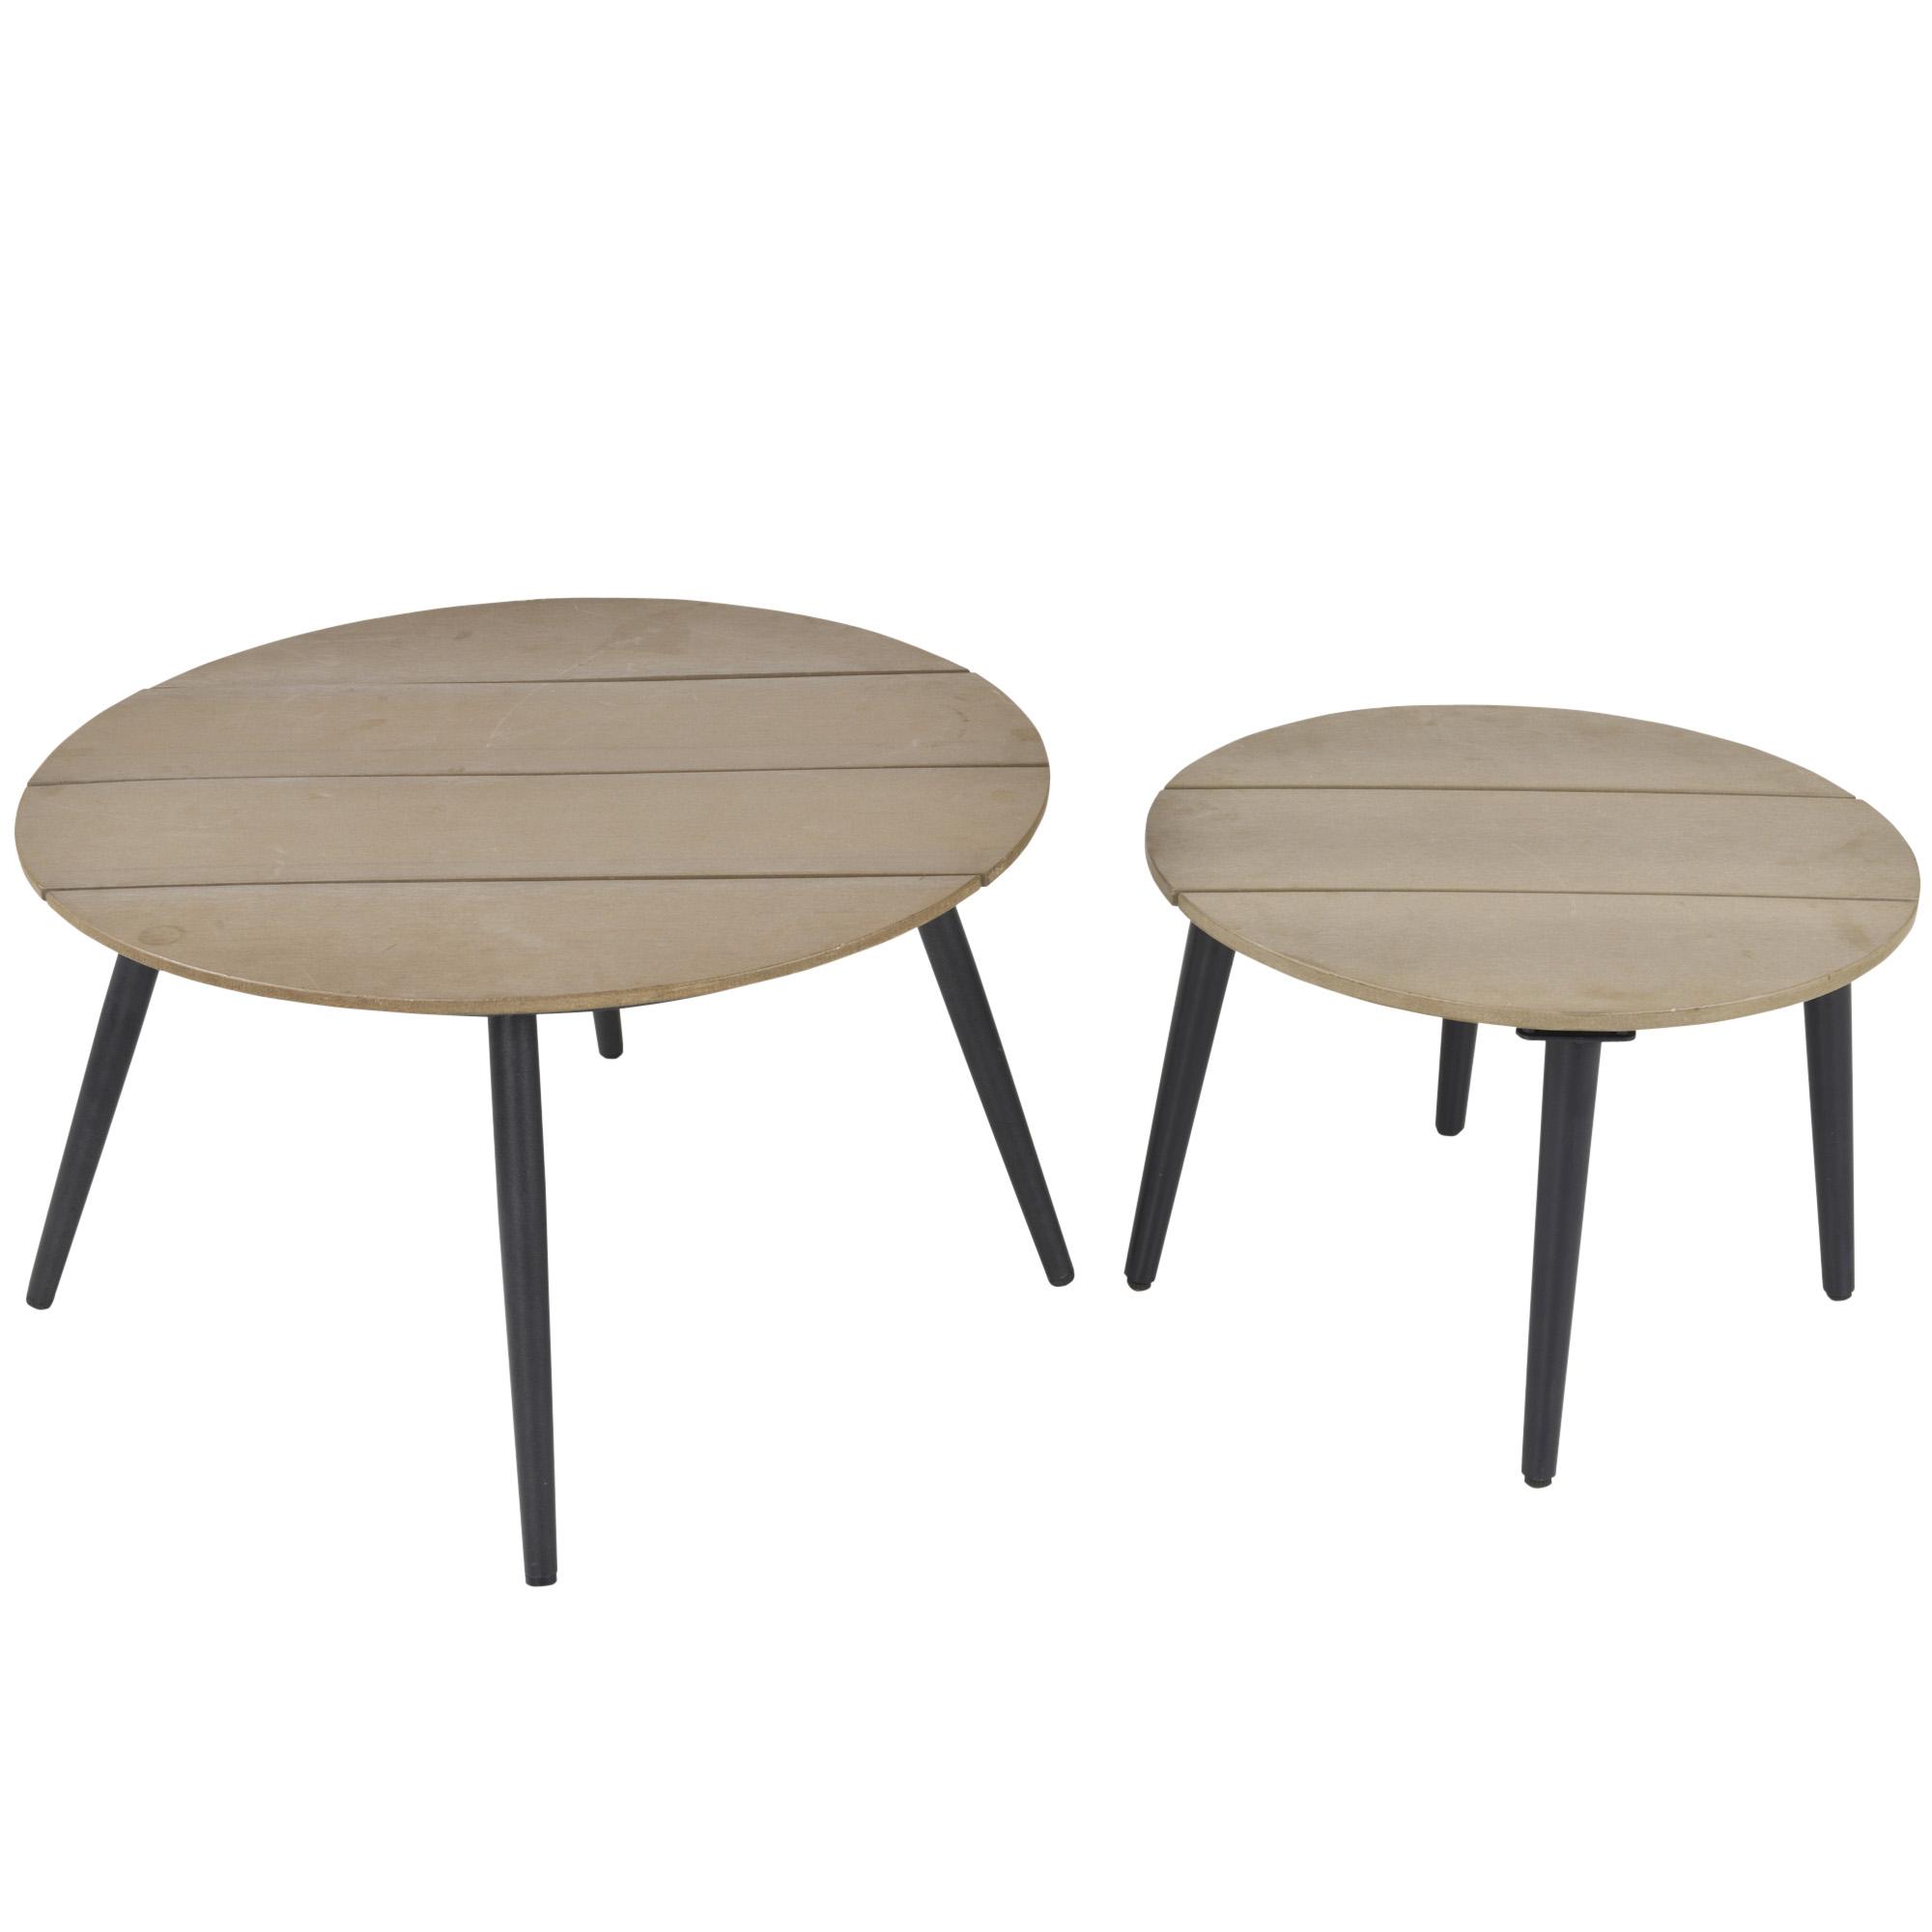 Lot de 2 tables basses gigognes design scandinave bicolore gris noir